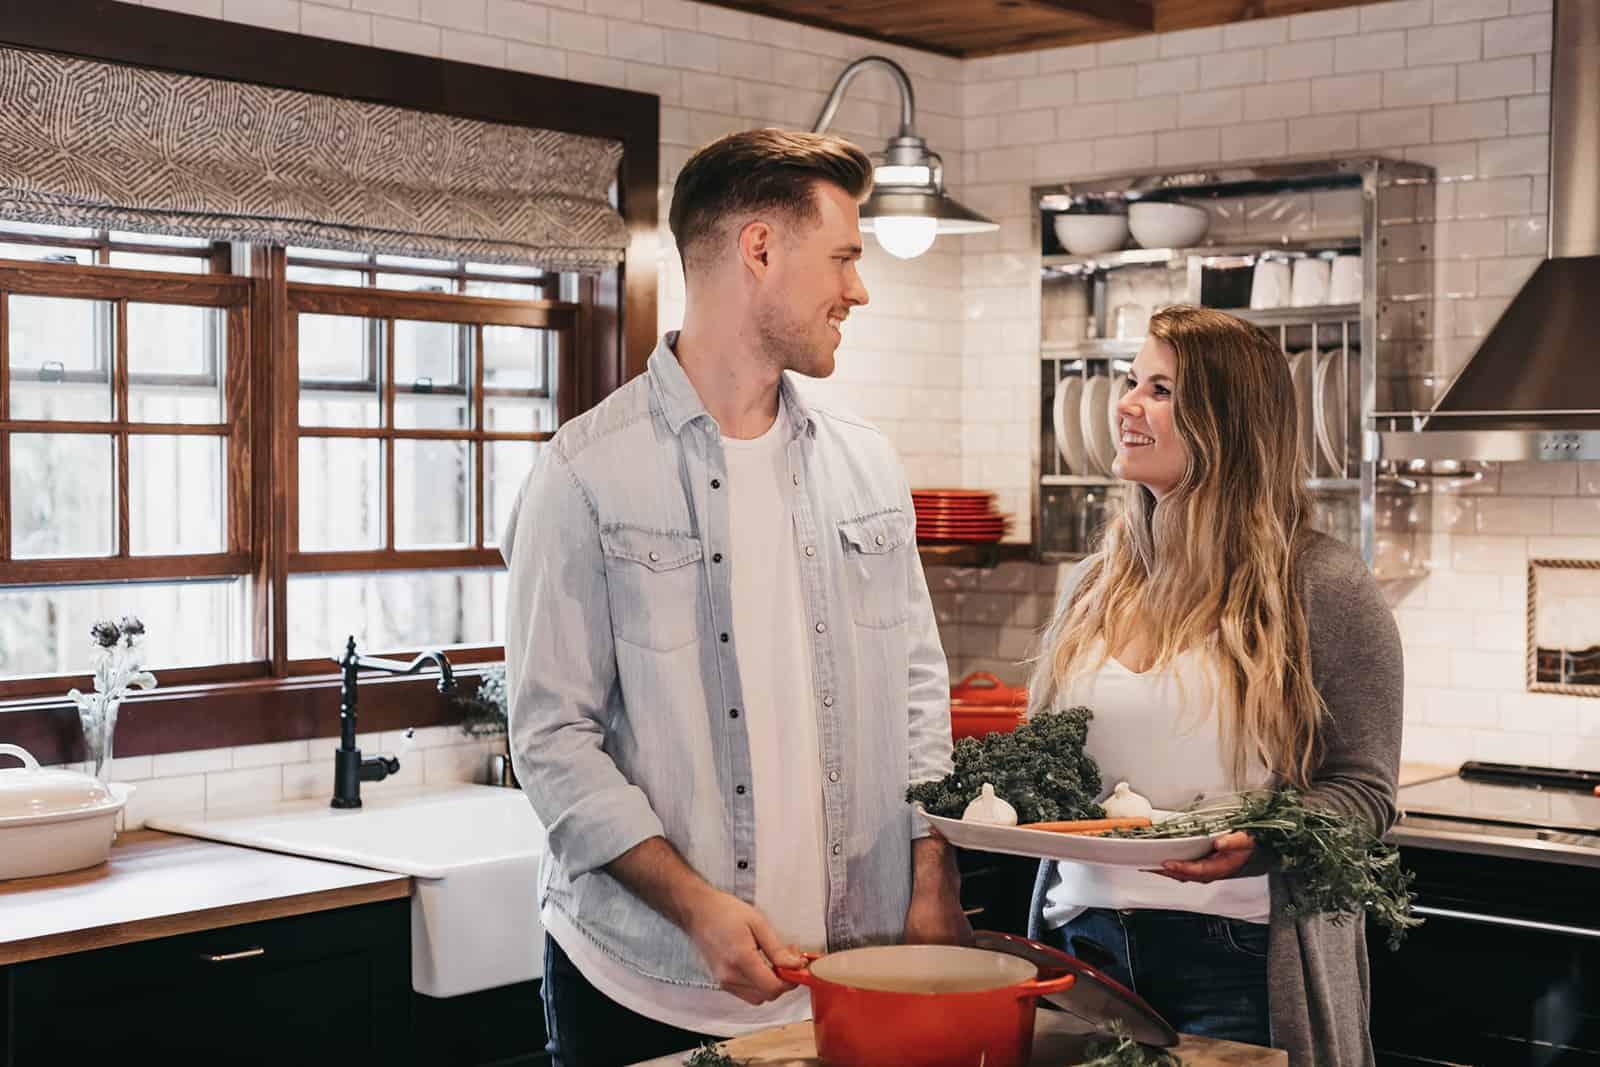 ein liebevolles Paar, das zusammen in der Küche eine Mahlzeit zubereitet